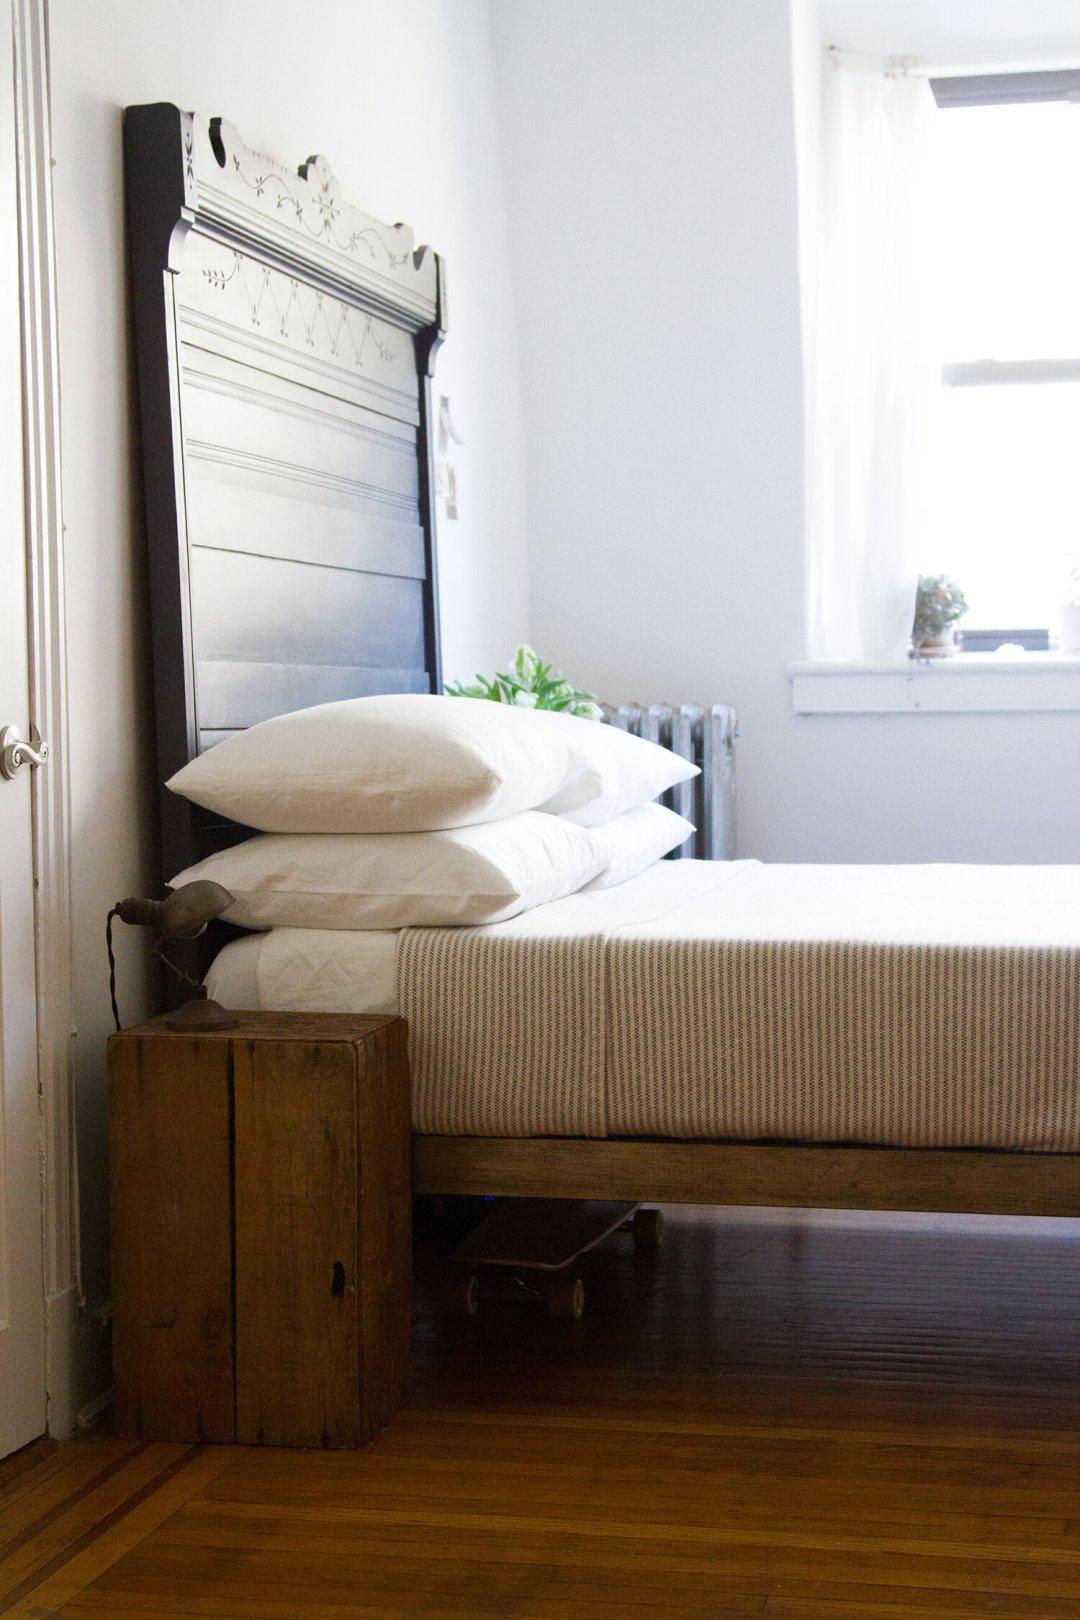 leesa mattress | reading my tea leaves